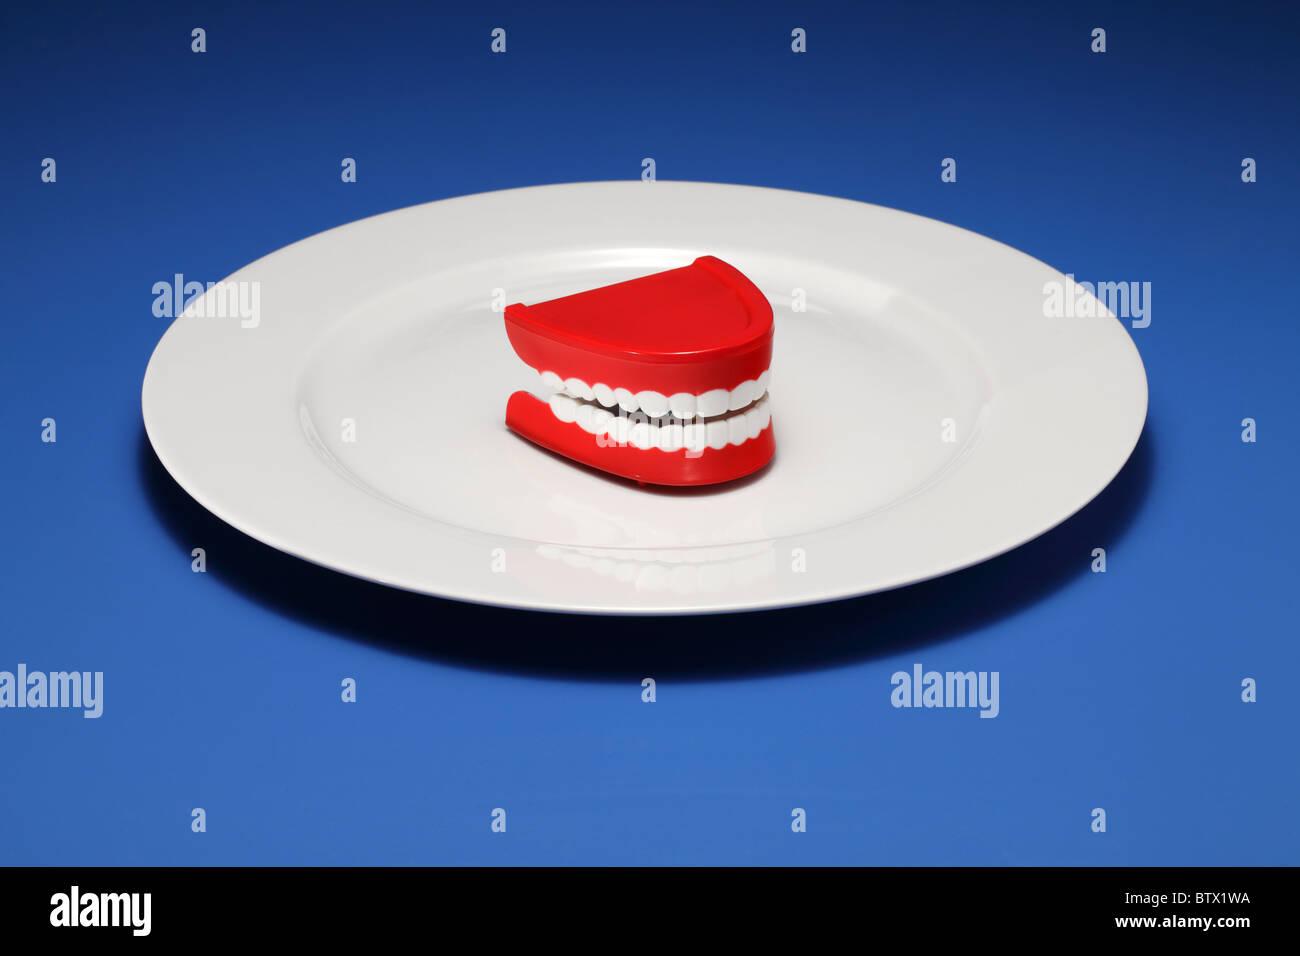 Eine Reihe von Kunststoff Zahnfleisch und Zähne auf einem weißen Teller Stockbild